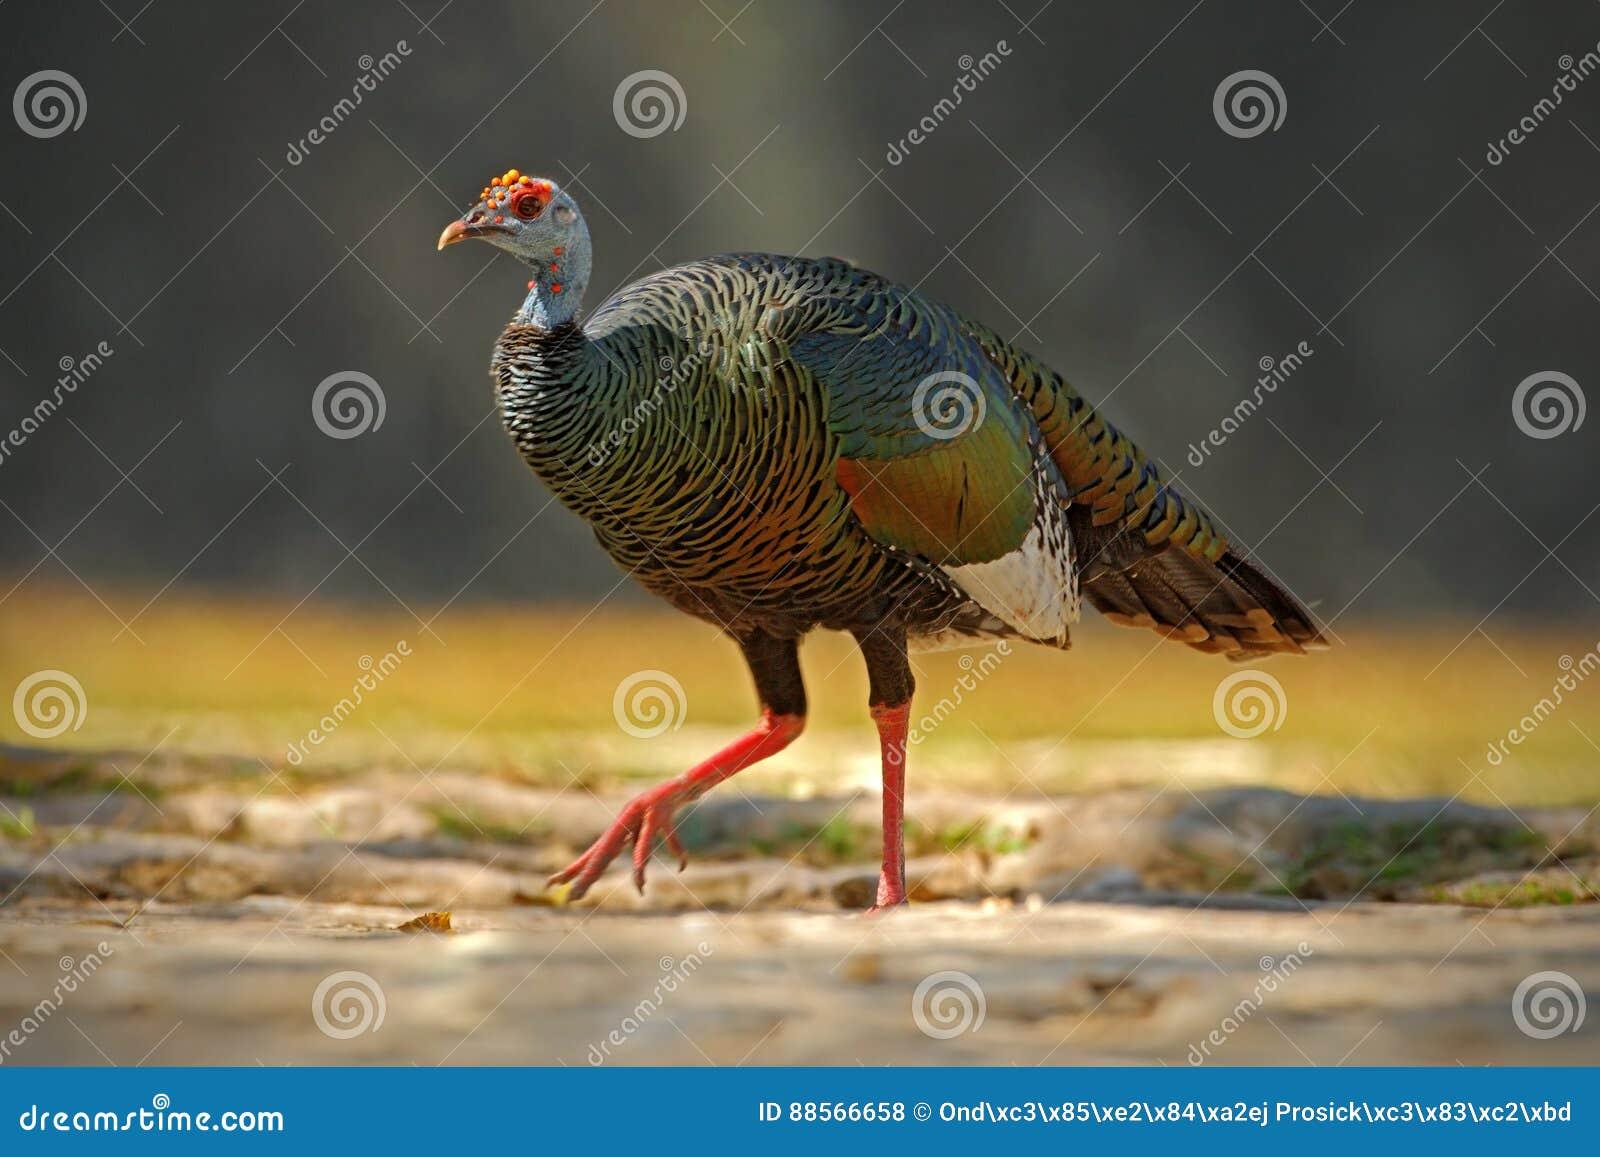 Nett Truthahn Zum Färben Fotos - Malvorlagen Von Tieren - ngadi.info